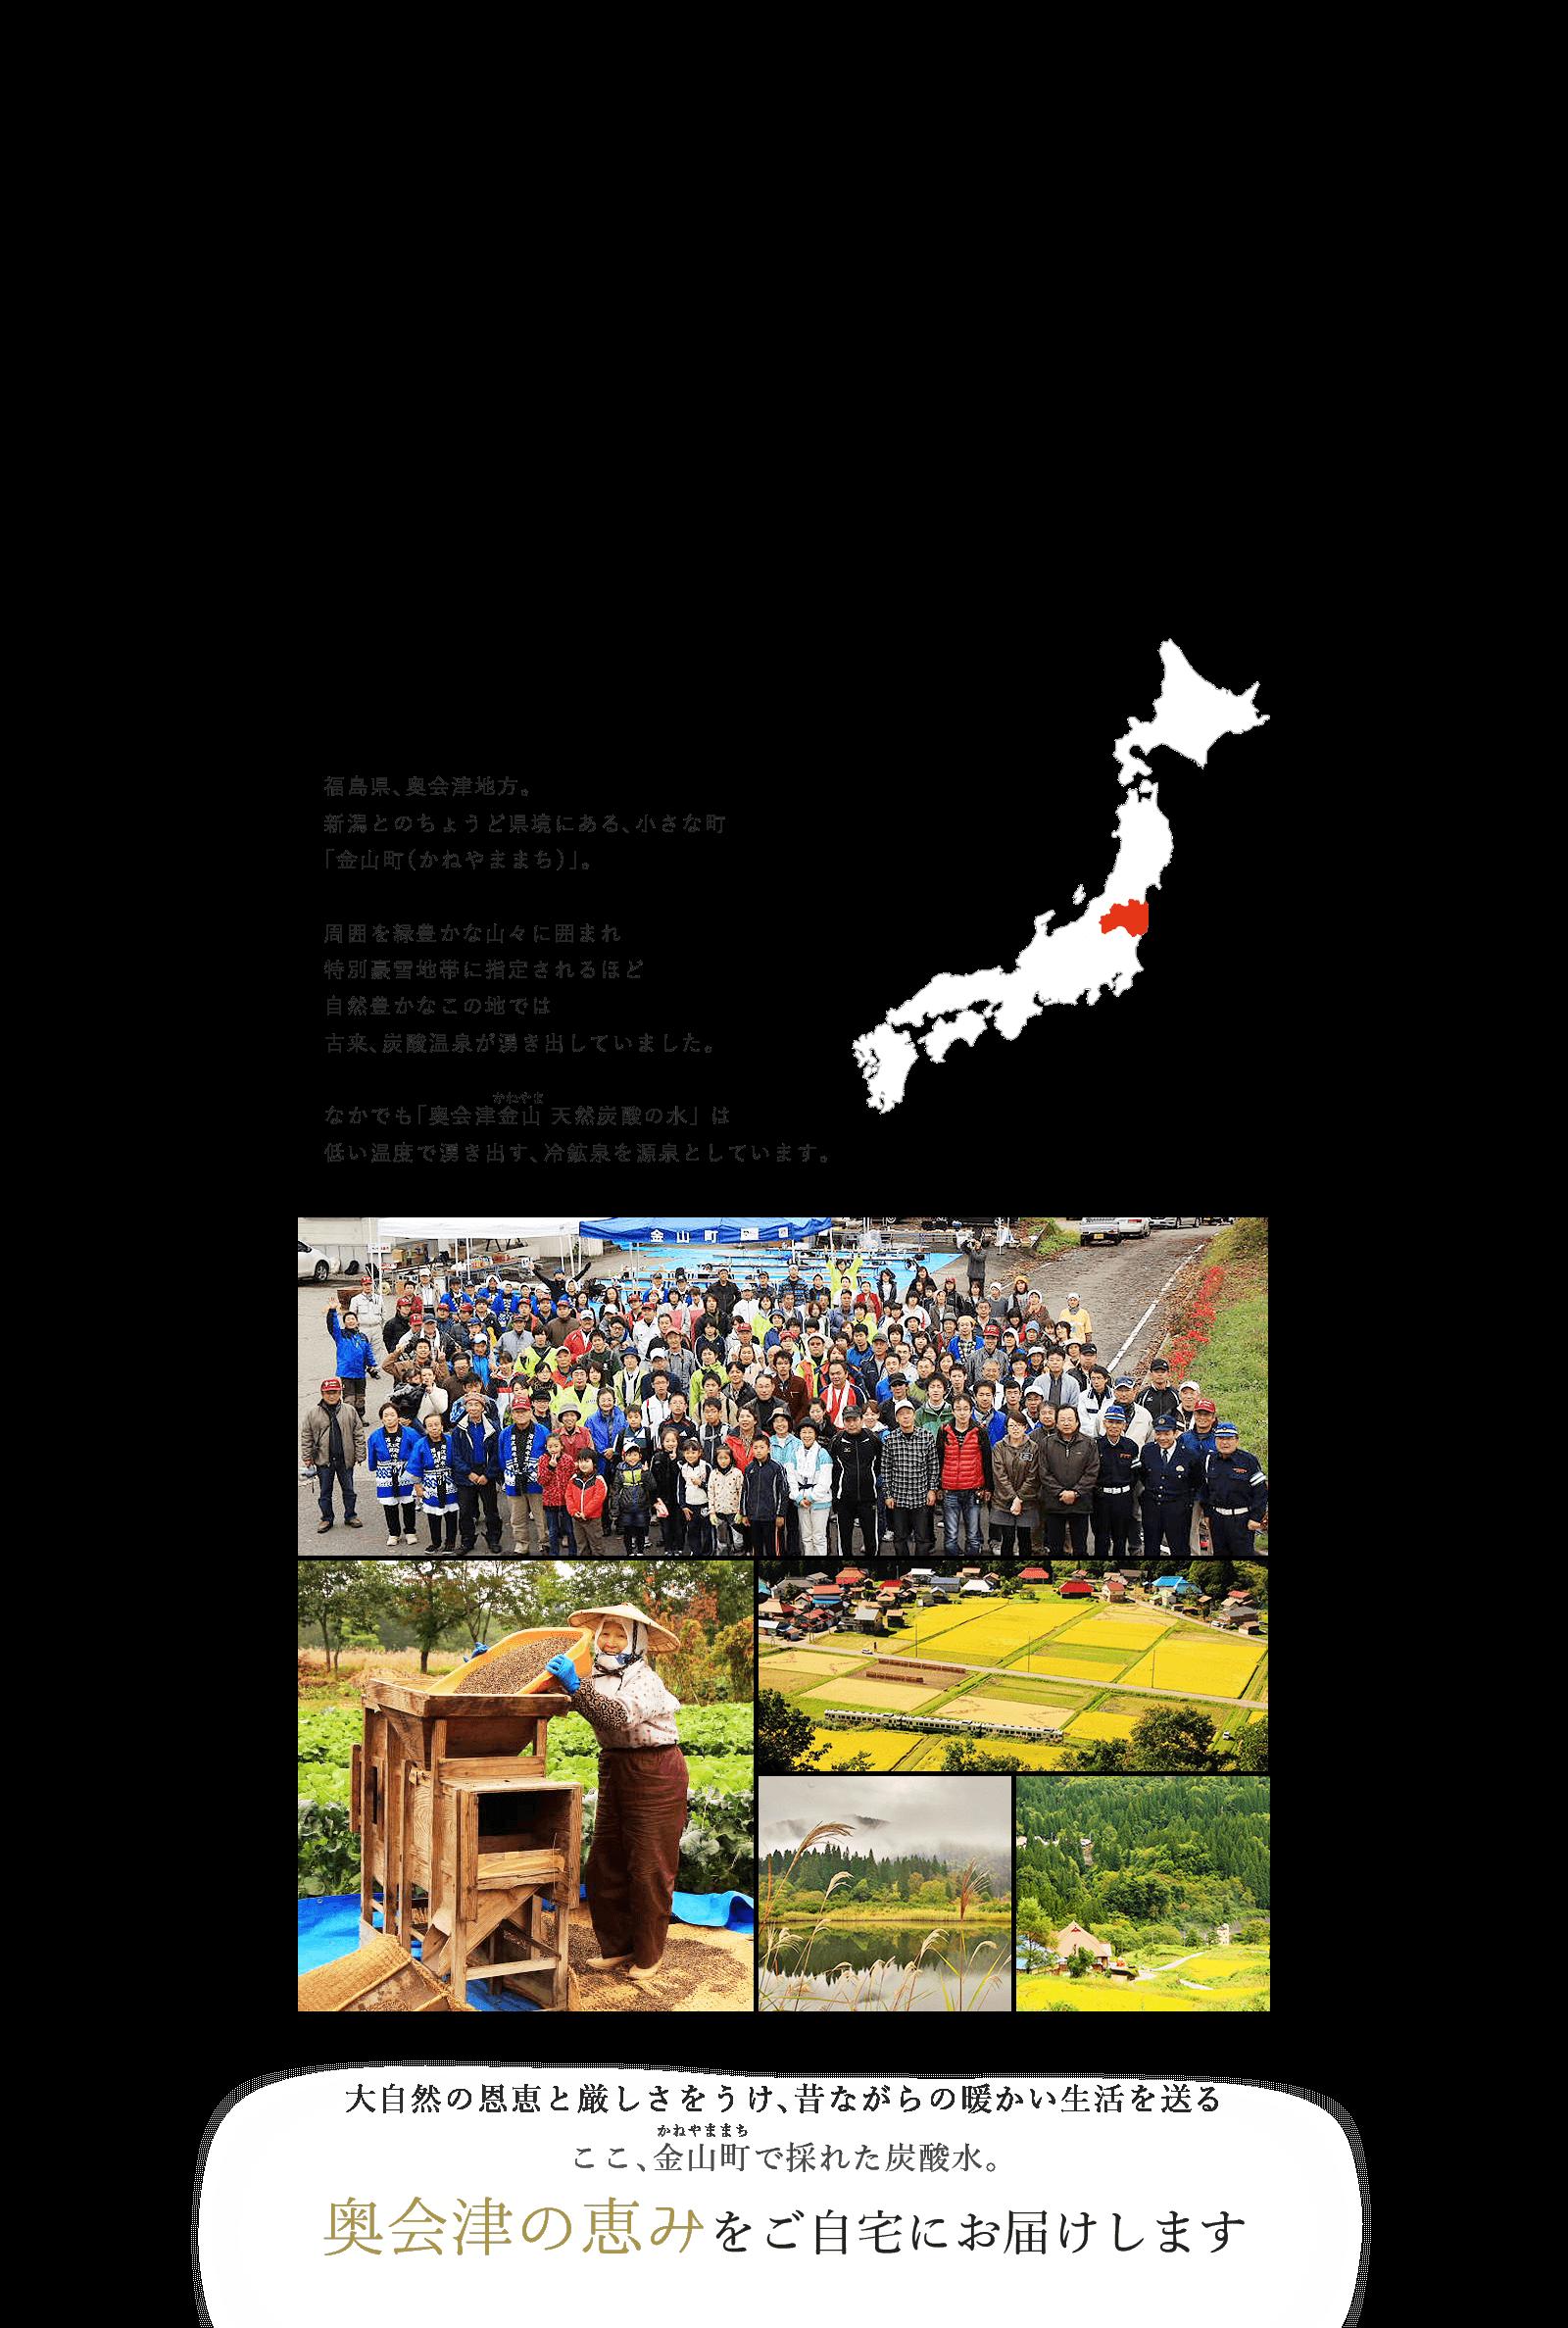 福島県、奥会津地方。新潟とのちょうど県境にある、小さな町「金山町(かねやままち)」。